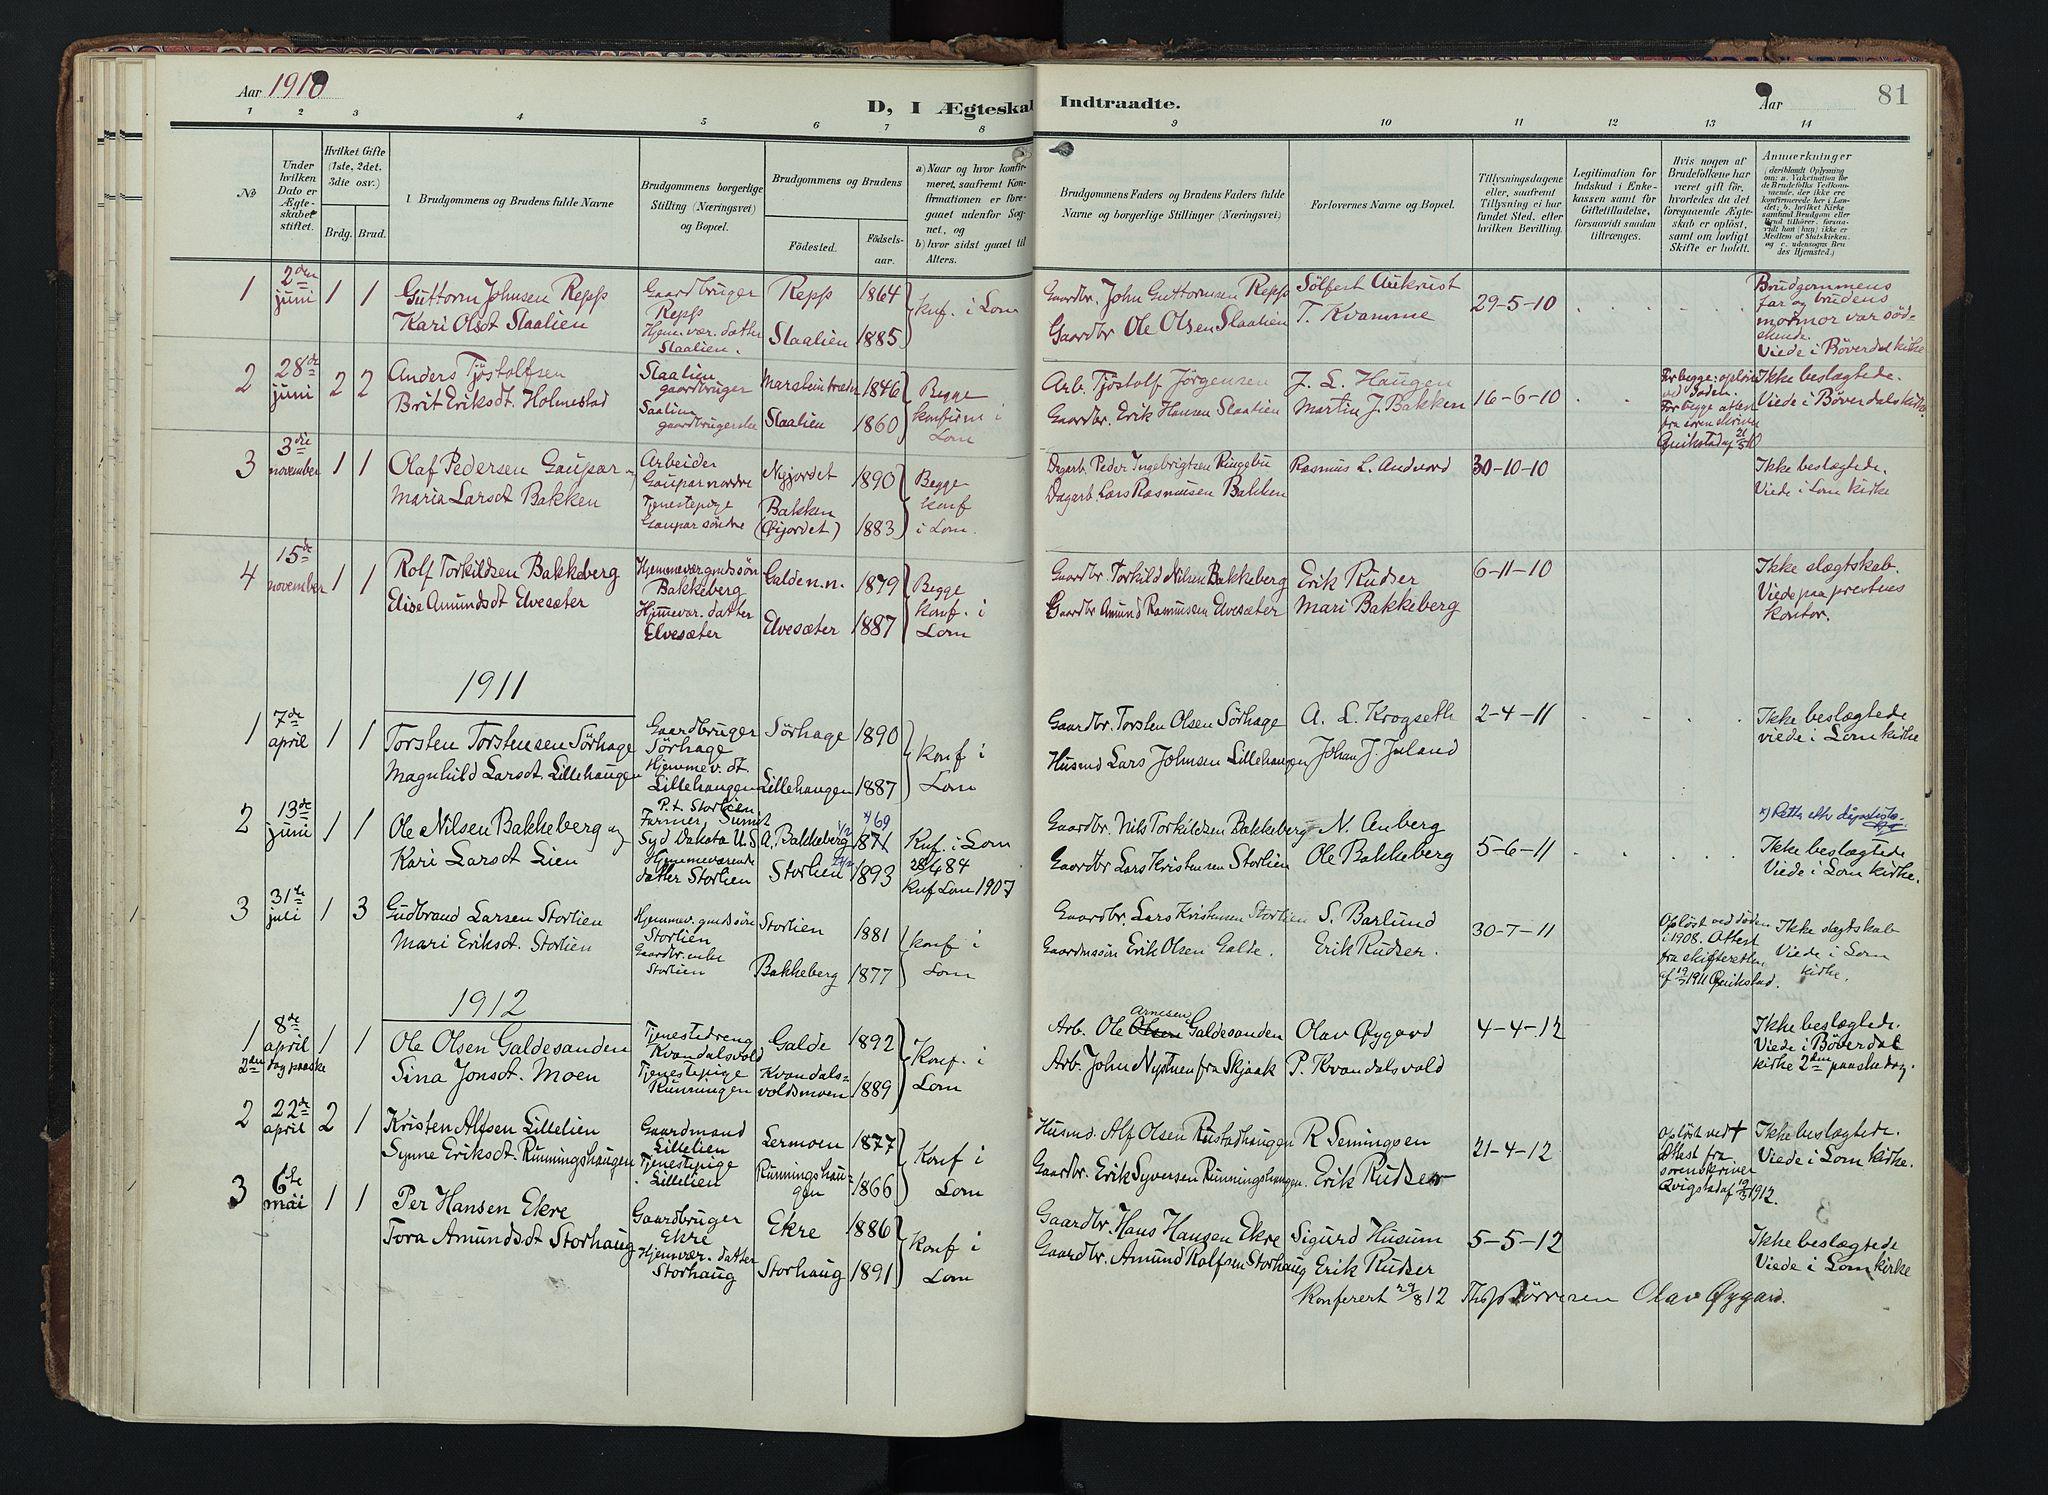 SAH, Lom prestekontor, K/L0012: Ministerialbok nr. 12, 1904-1928, s. 81